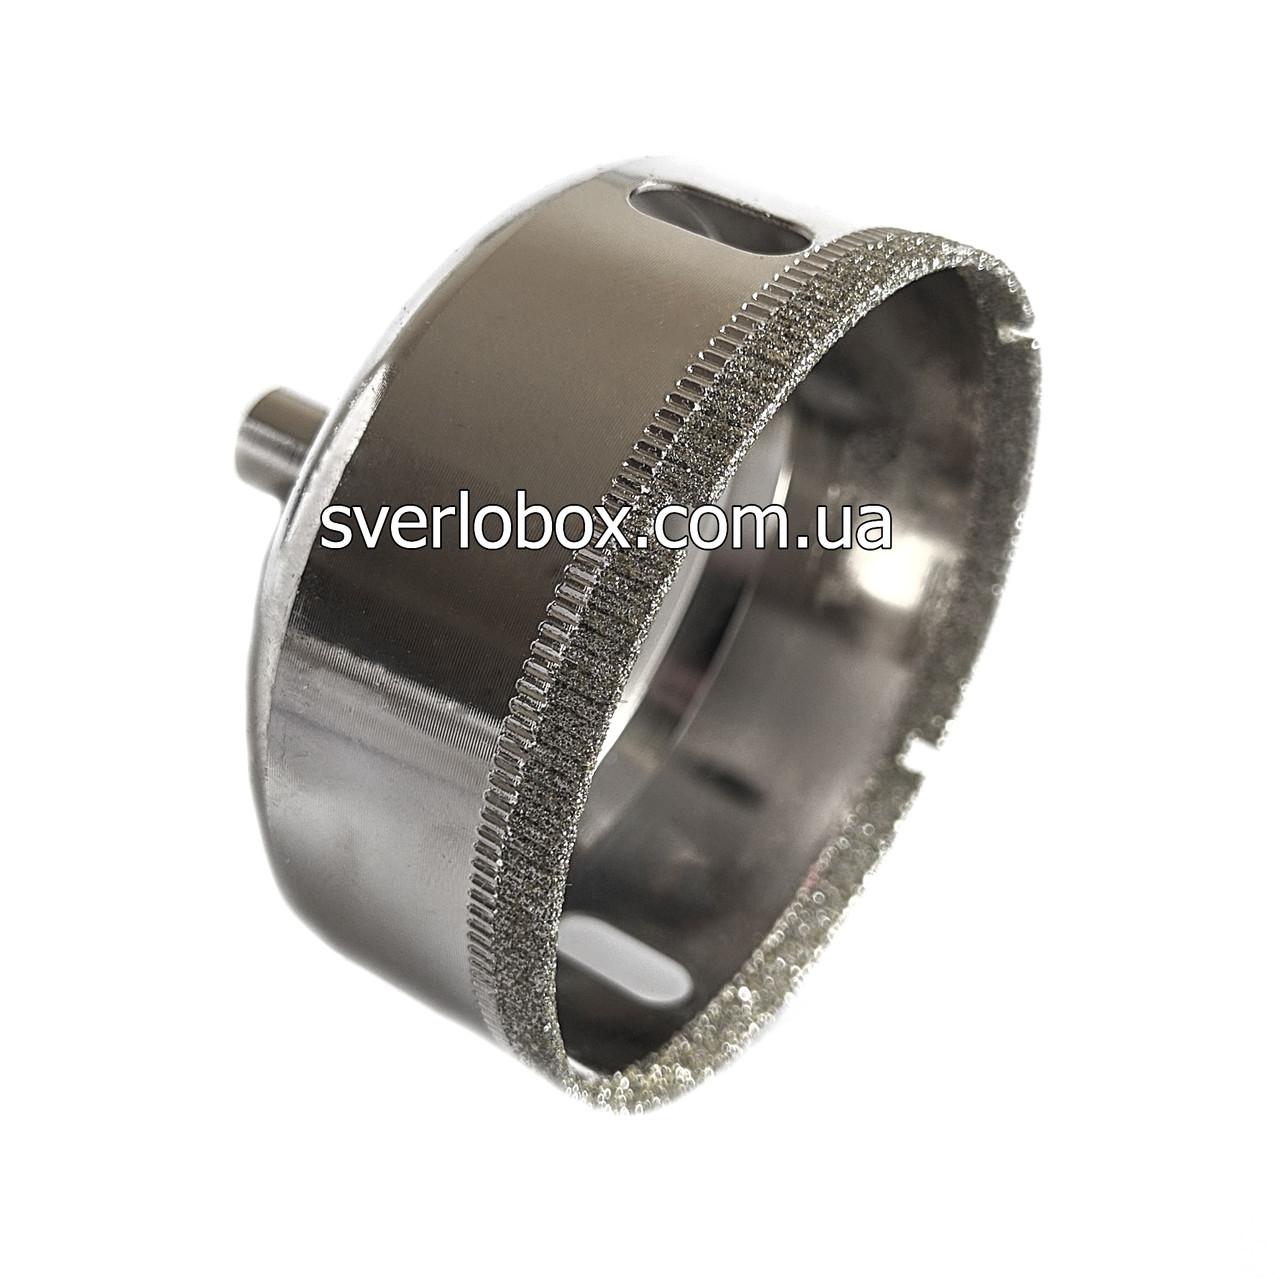 Коронка діамантова 10 мм